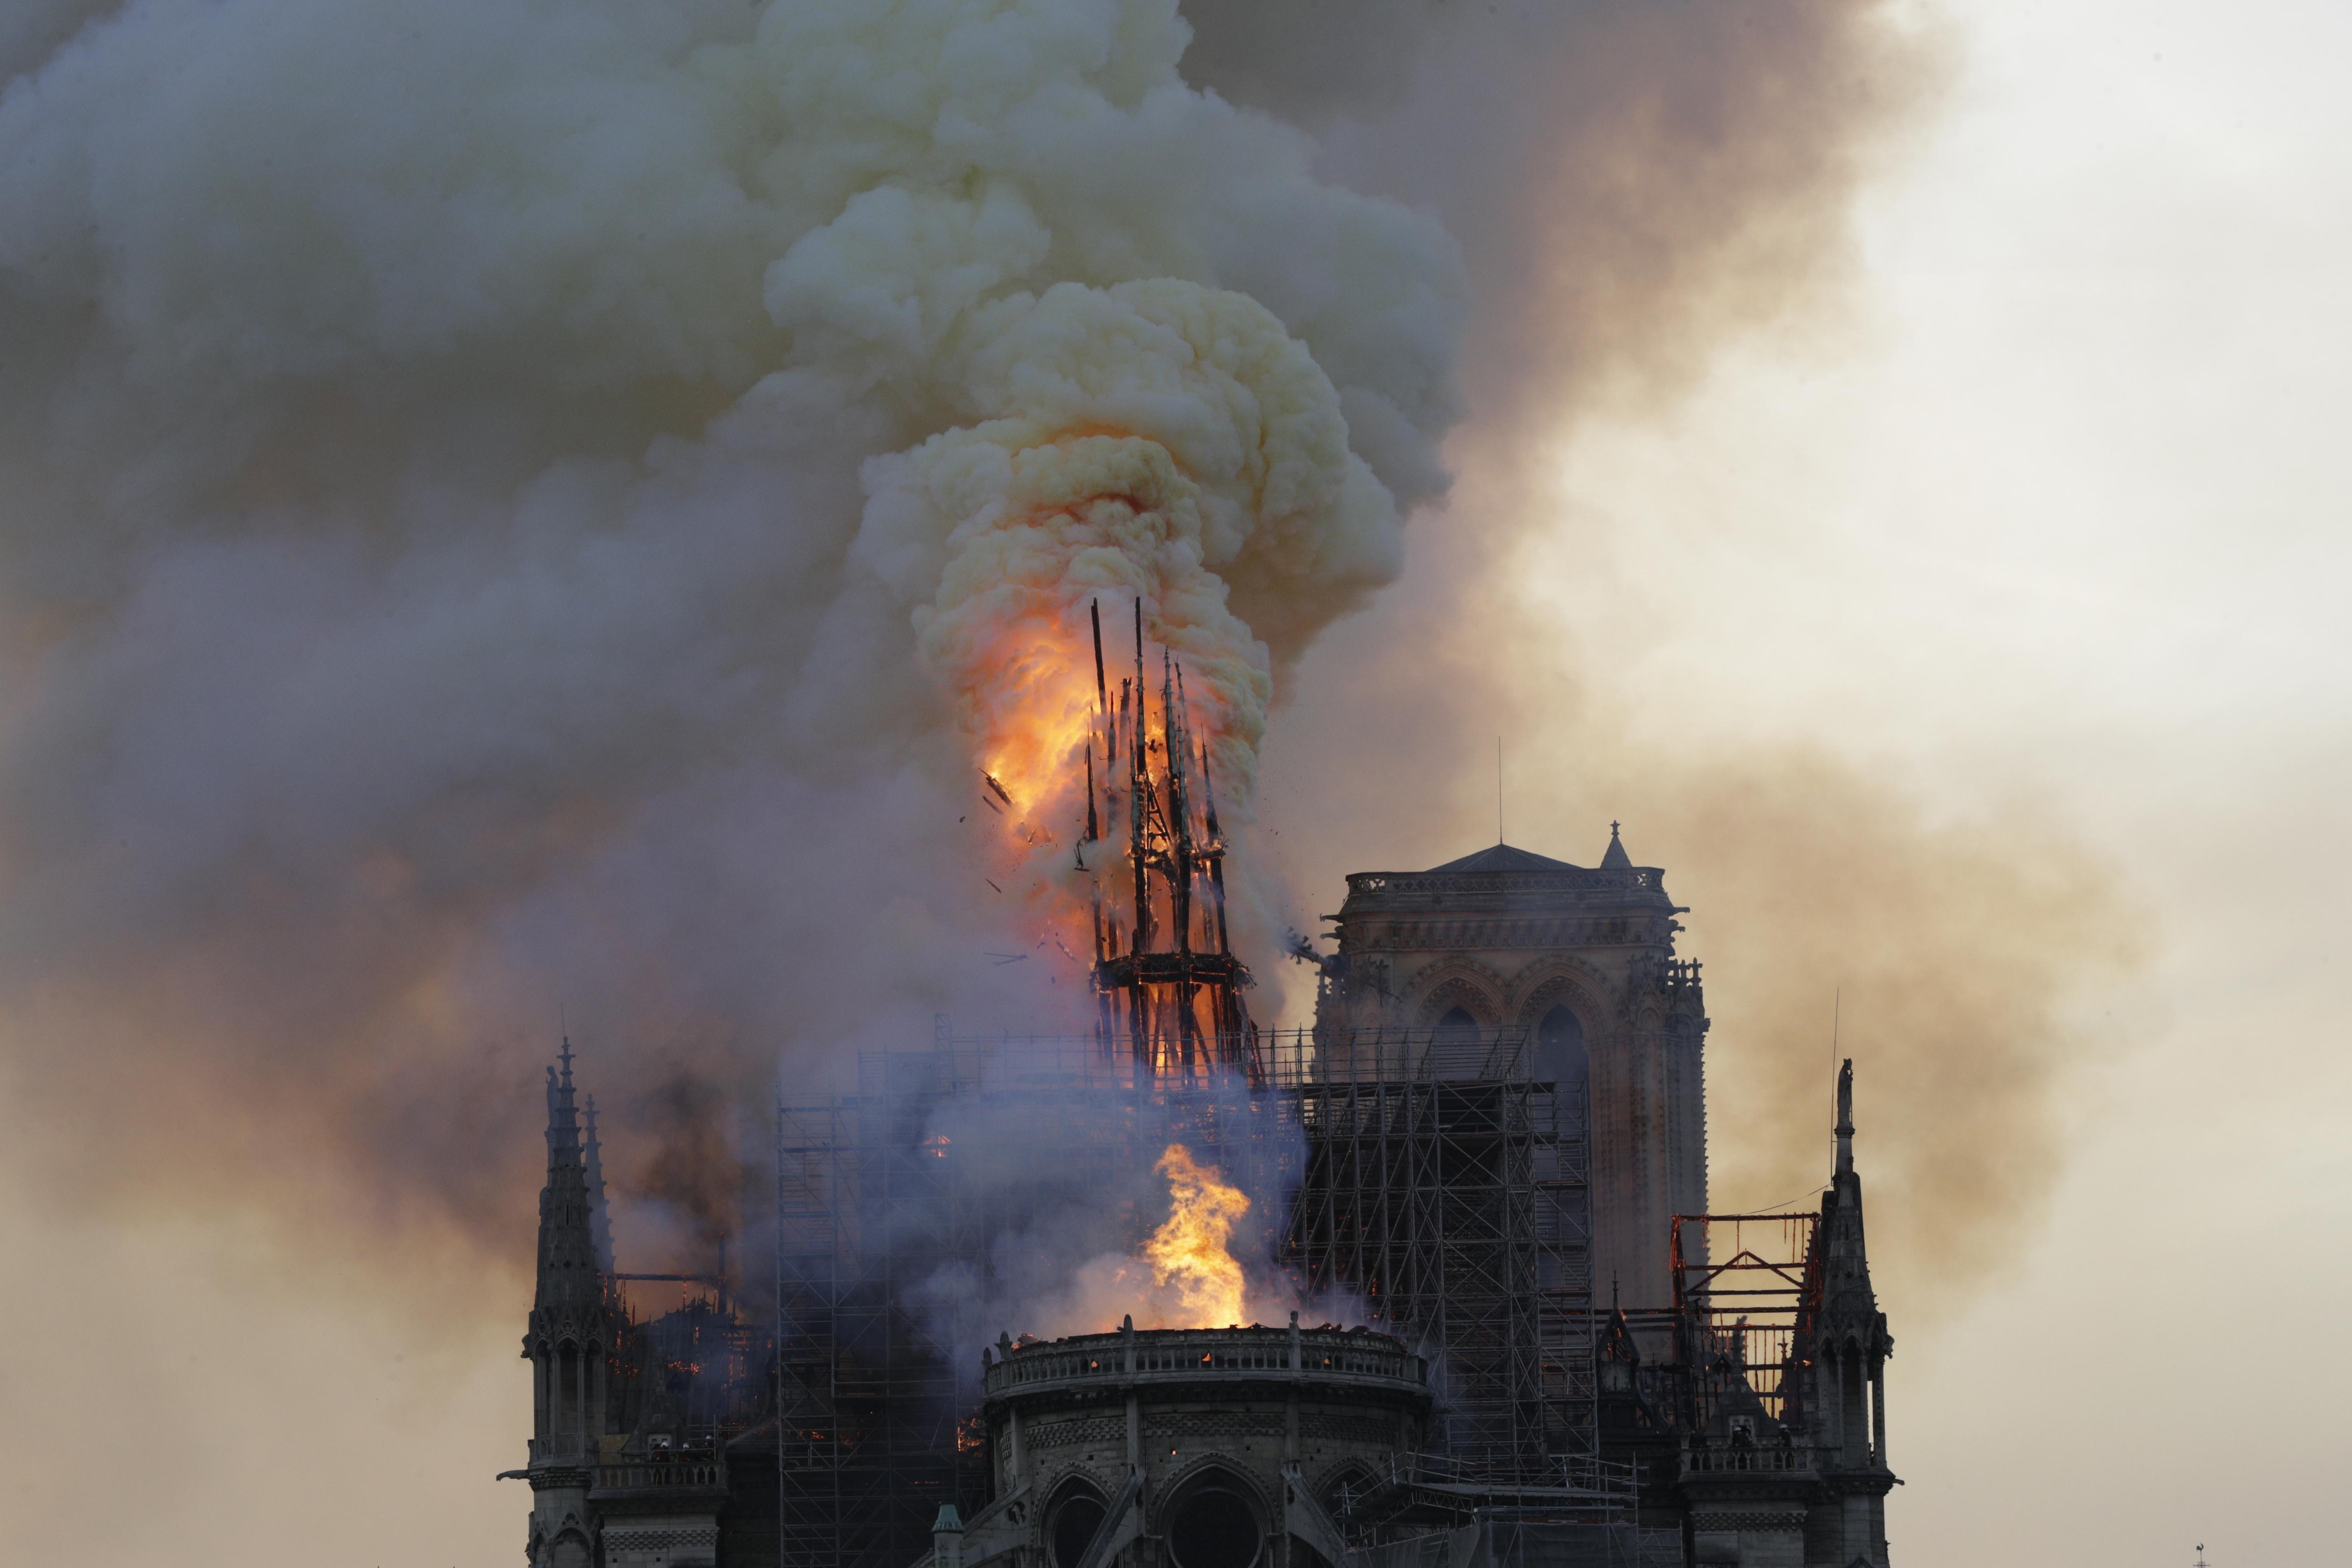 النيران تشتعل في برج كاتدرائية نوتردام